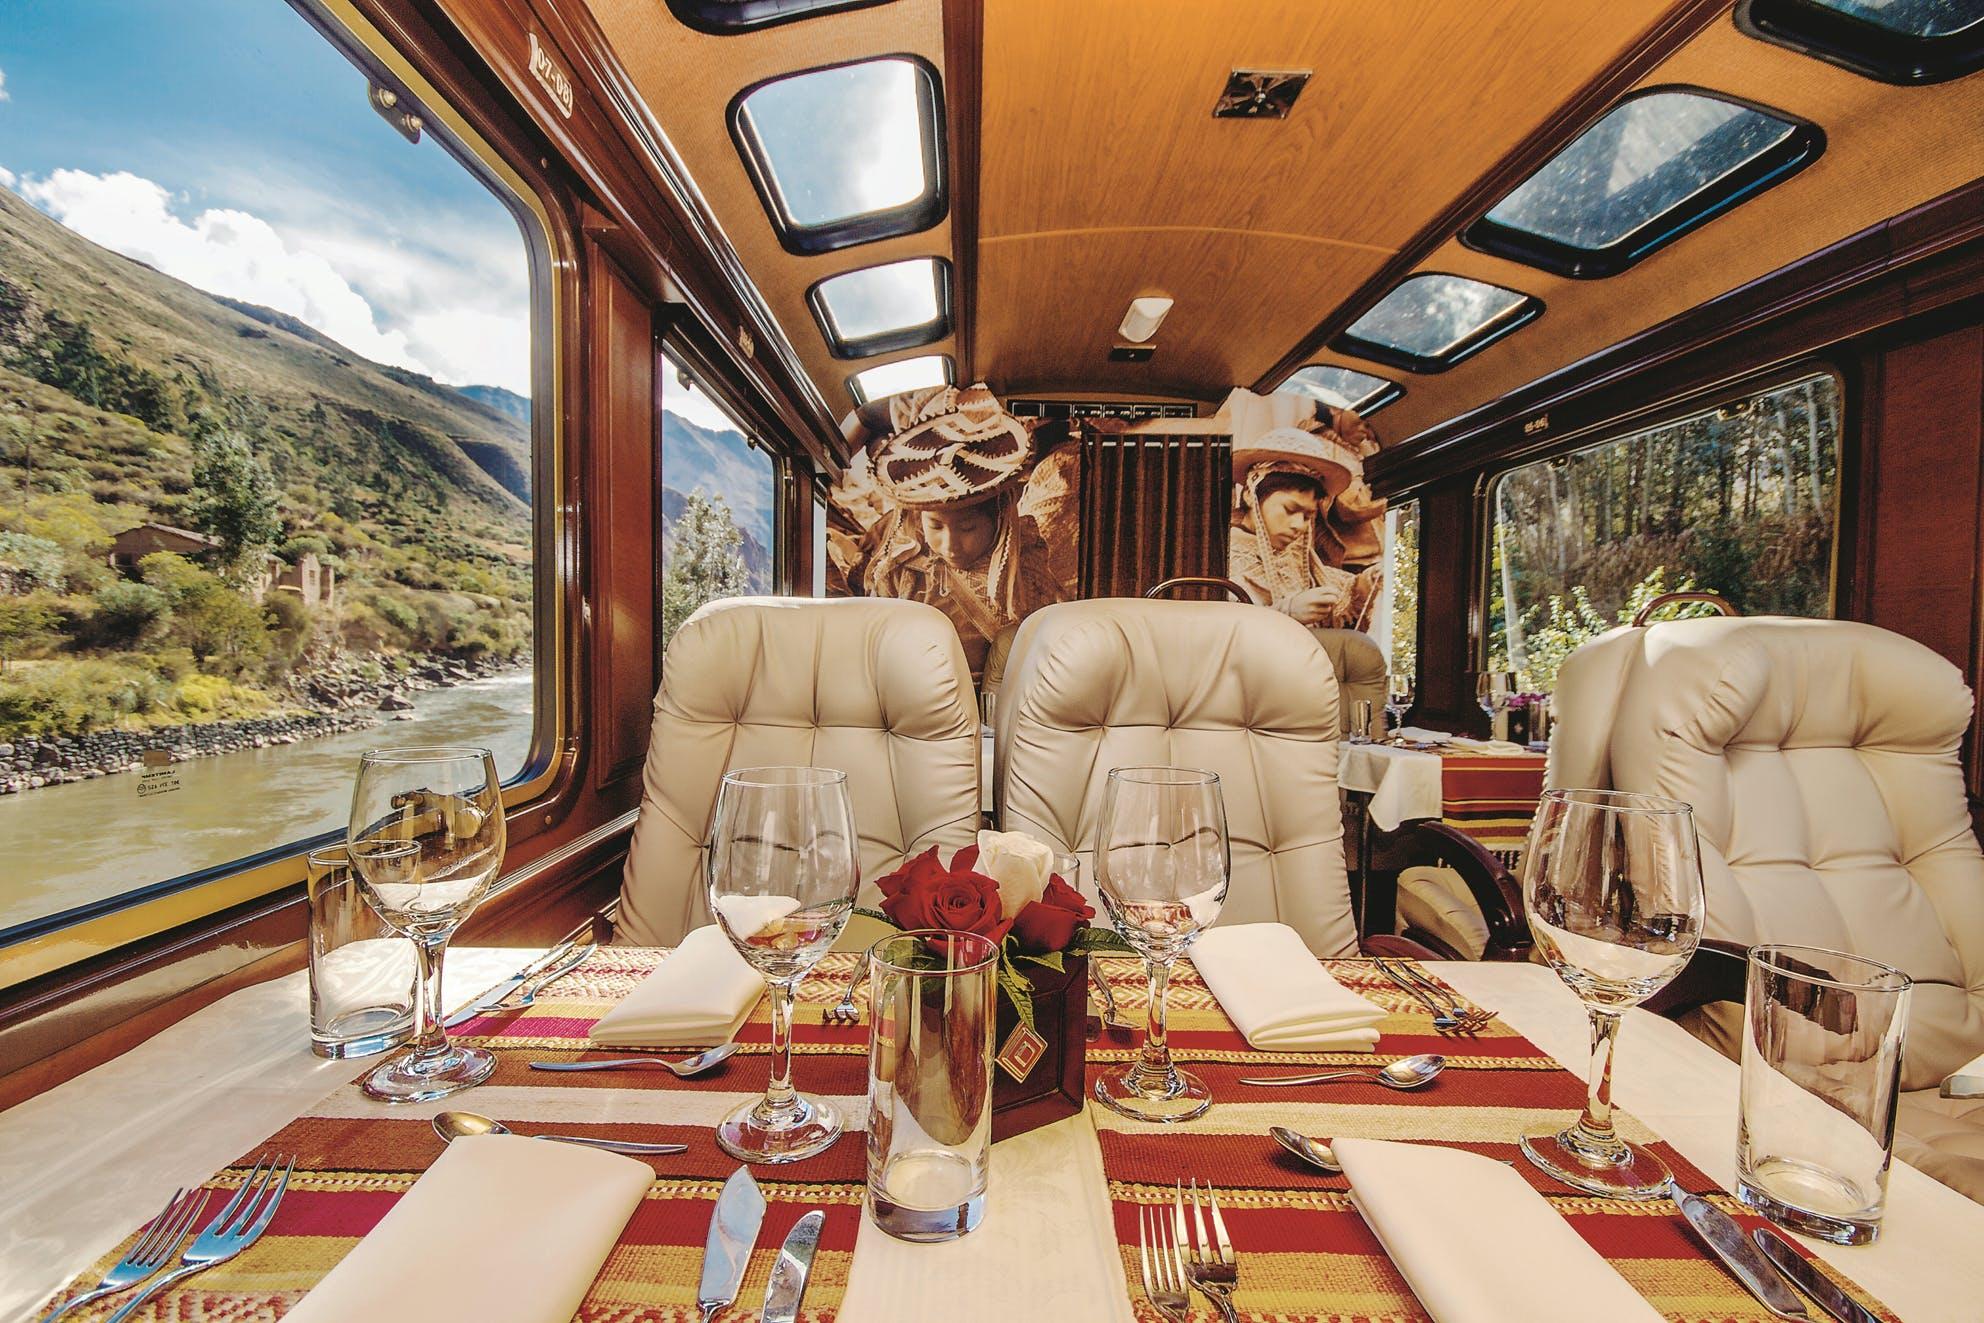 Full-day Machu Picchu tour in first class train